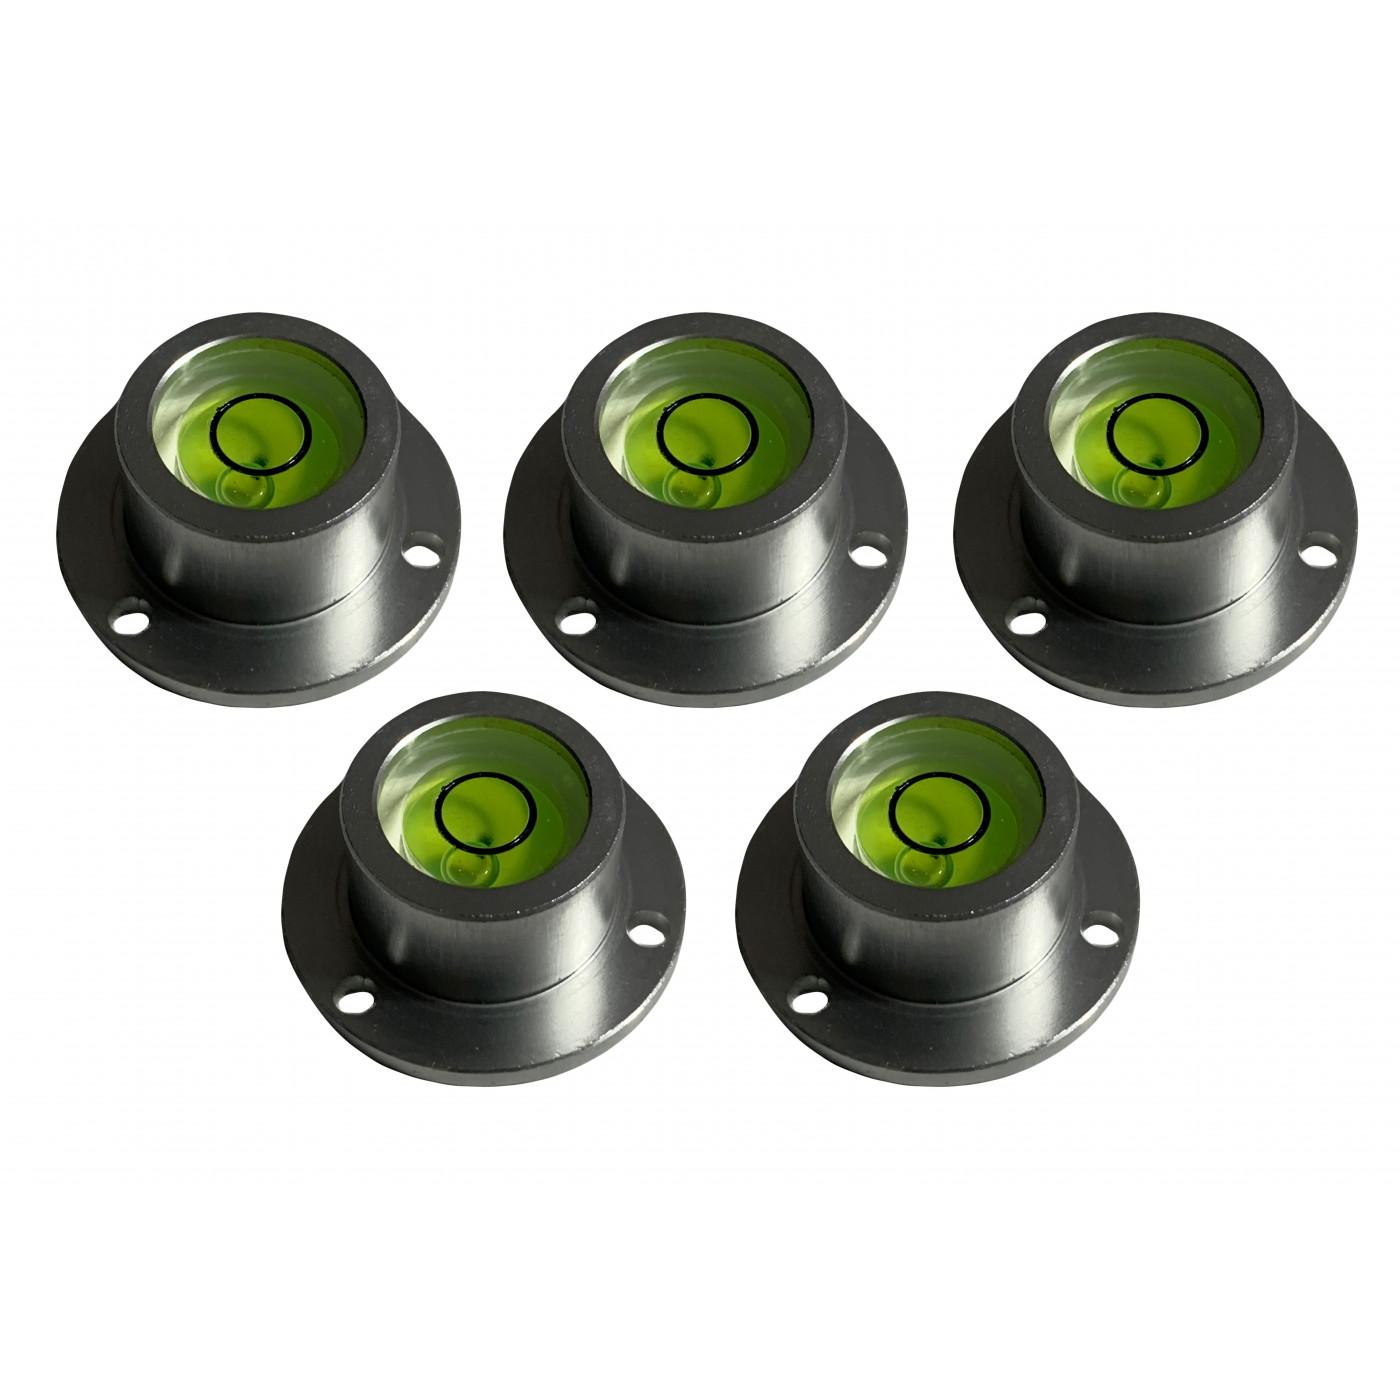 Set von 5 runden Wasserwaagen mit Aluminiumgehäuse (25,5 x 16,5